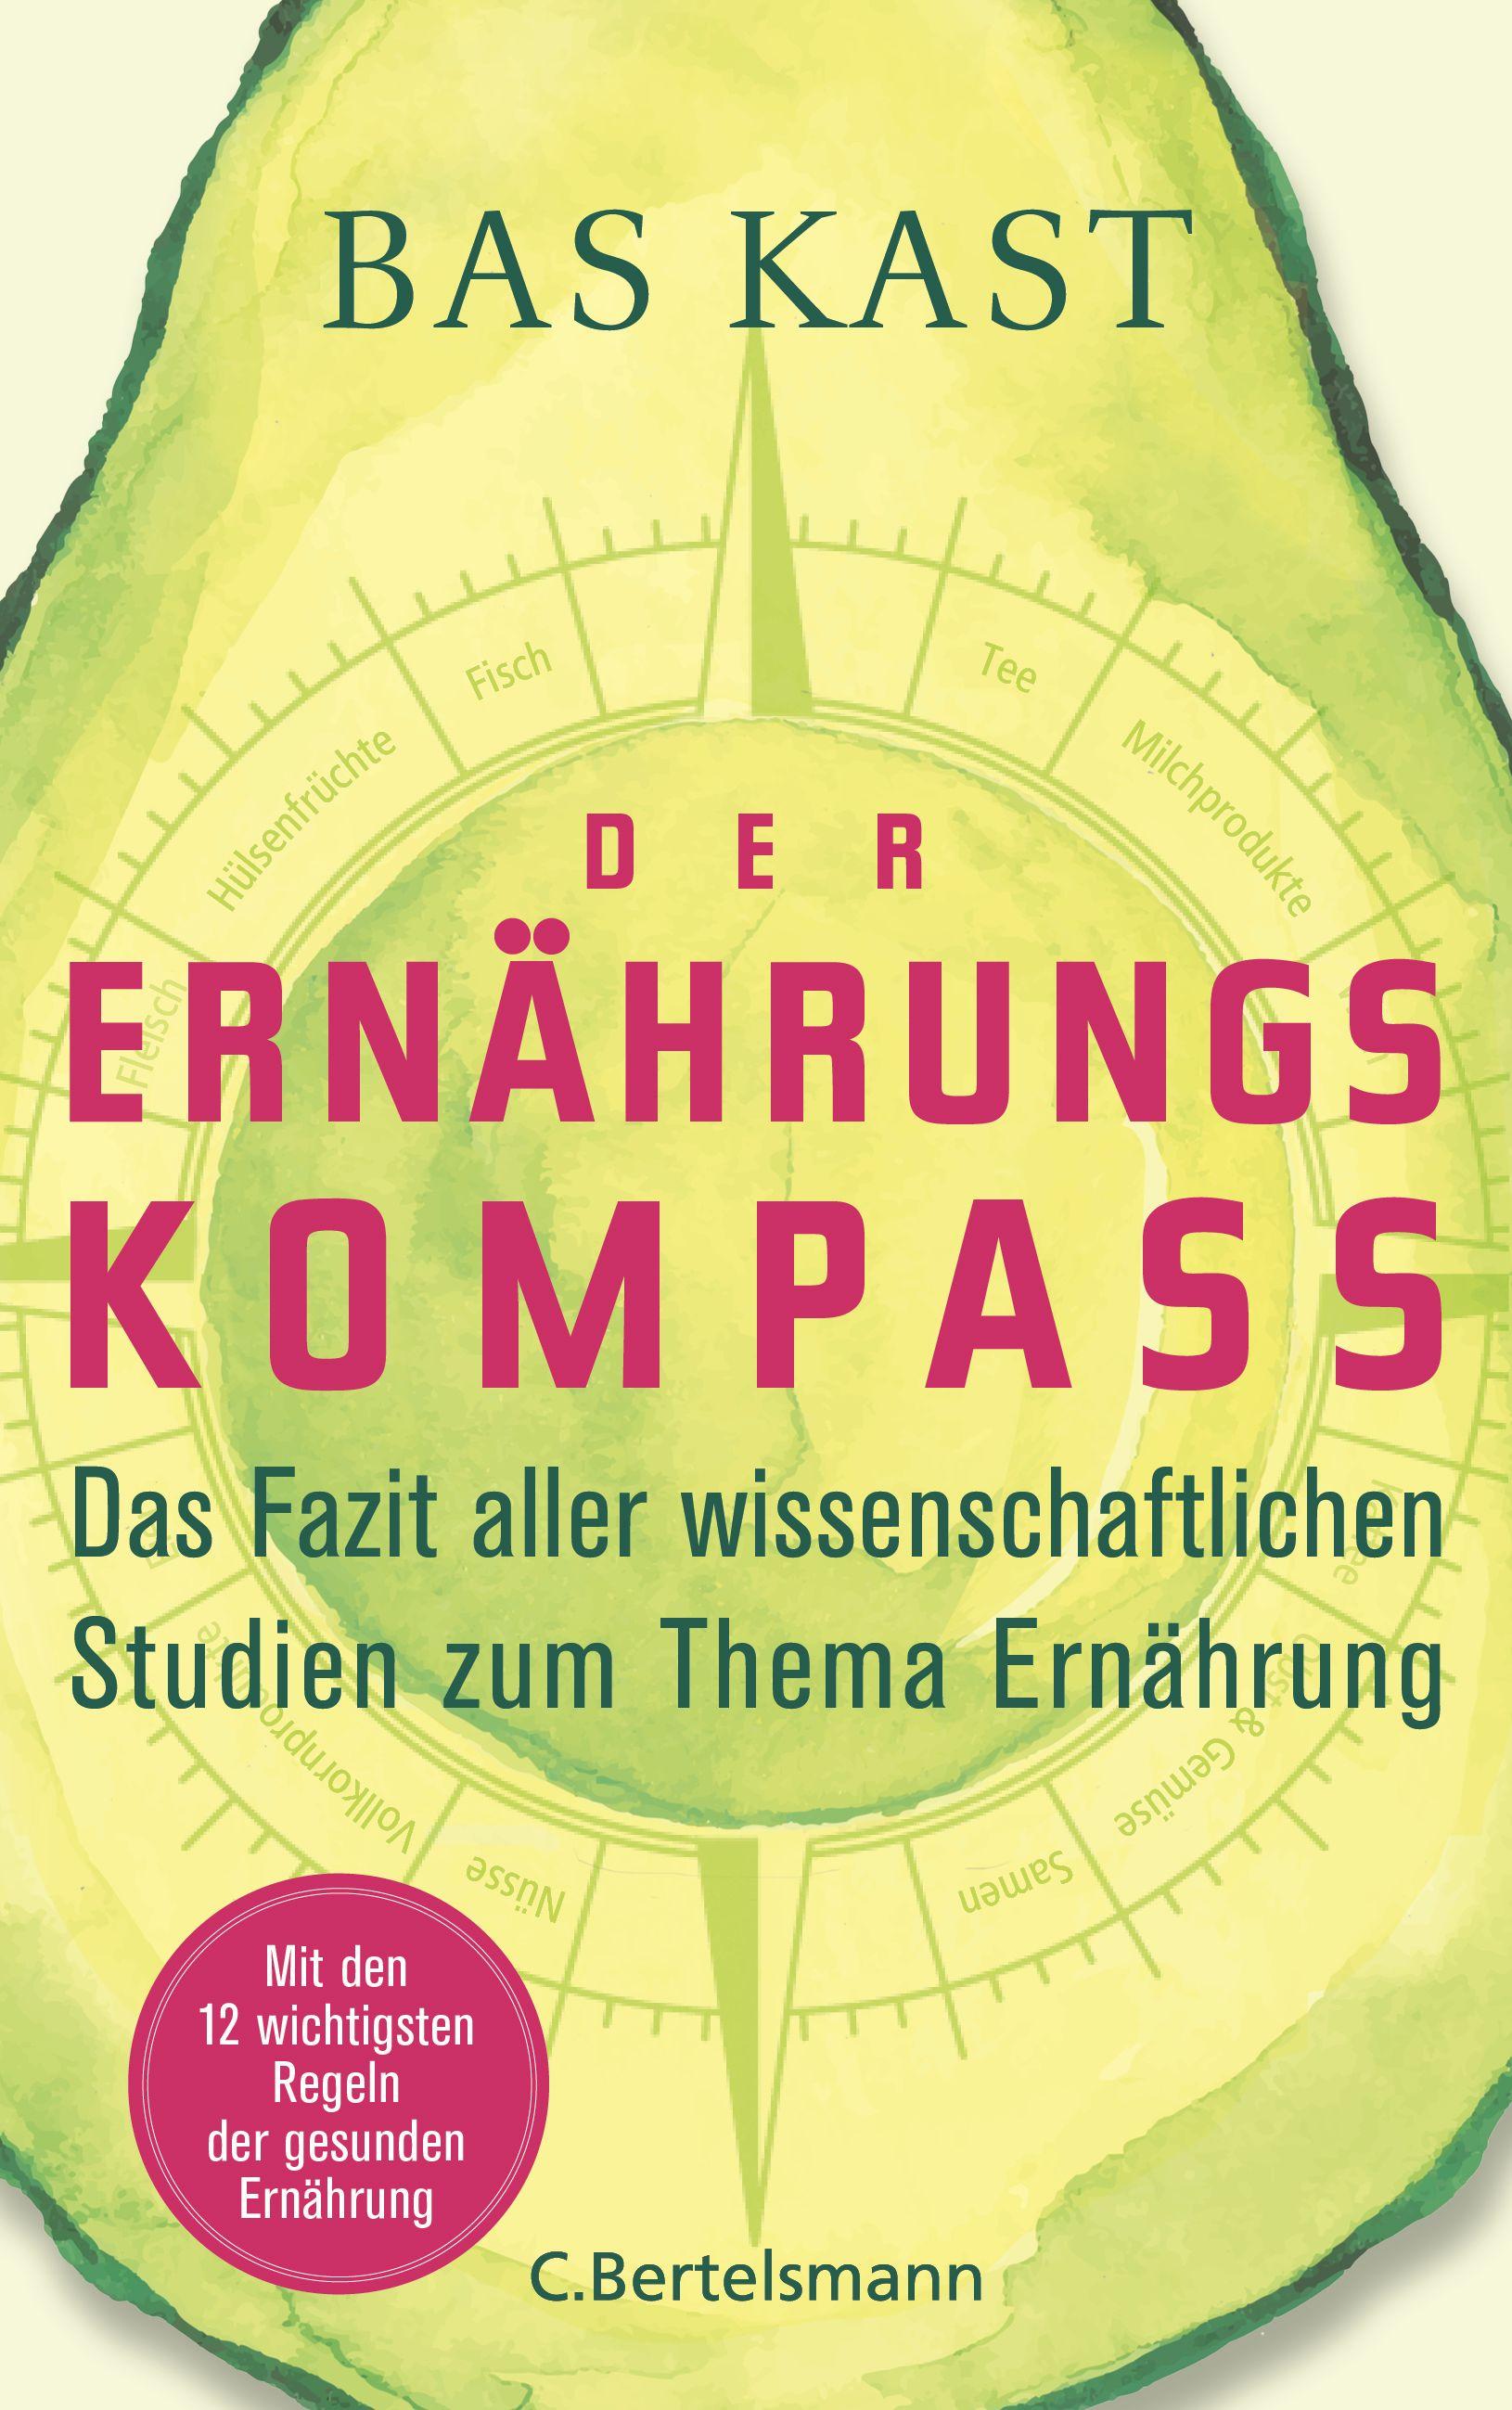 Der Ernährungskompass: Bas Kast